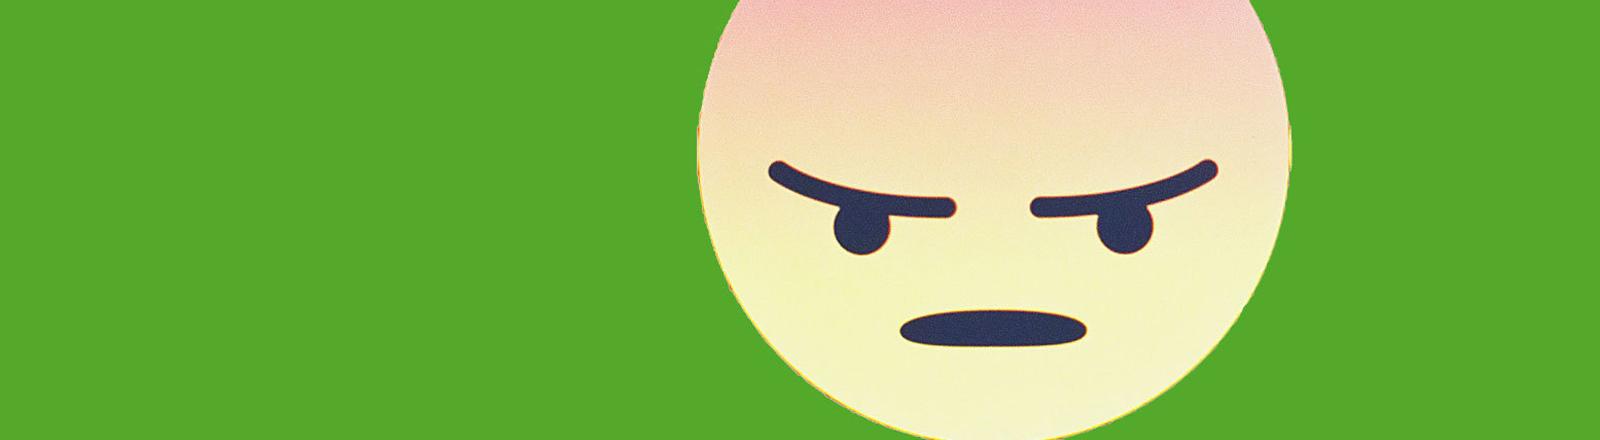 Ein Hate-Emoji